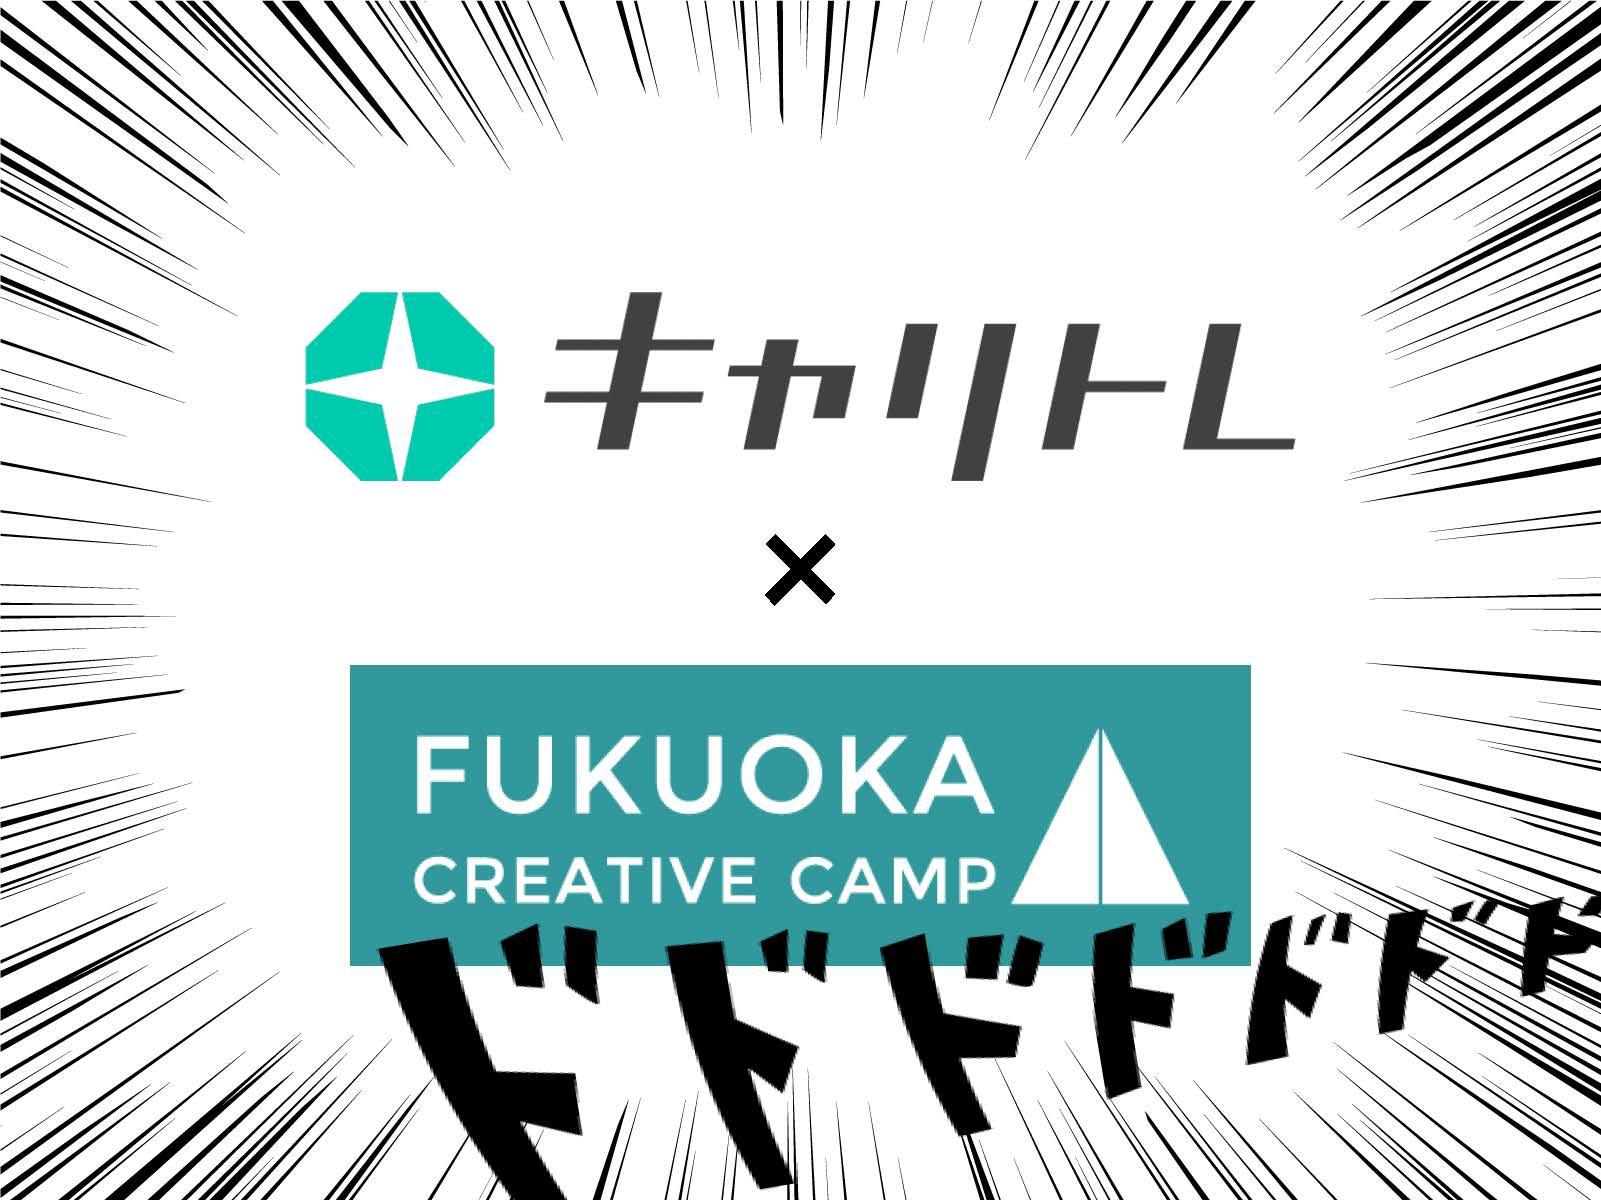 キャリトレ×福岡クリエイティブキャンプキャンペーンのお知らせ